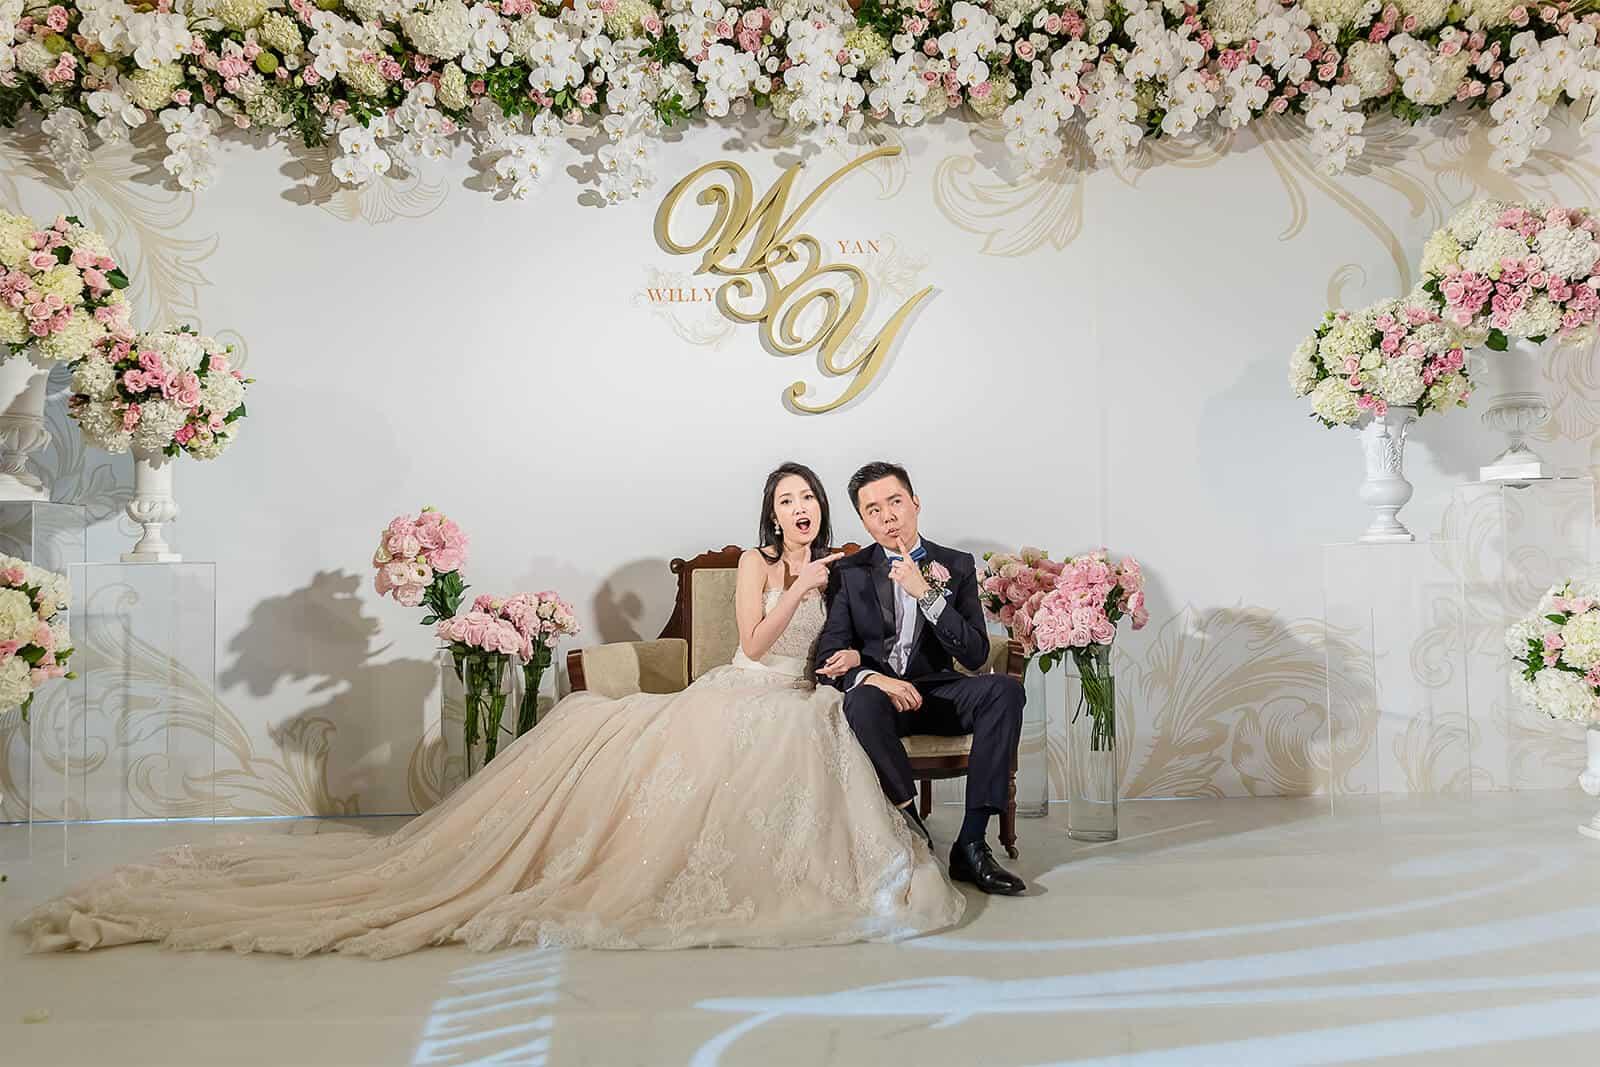 圓山飯店, 婚禮, 婚顧, 婚禮佈置, 秀泰影城